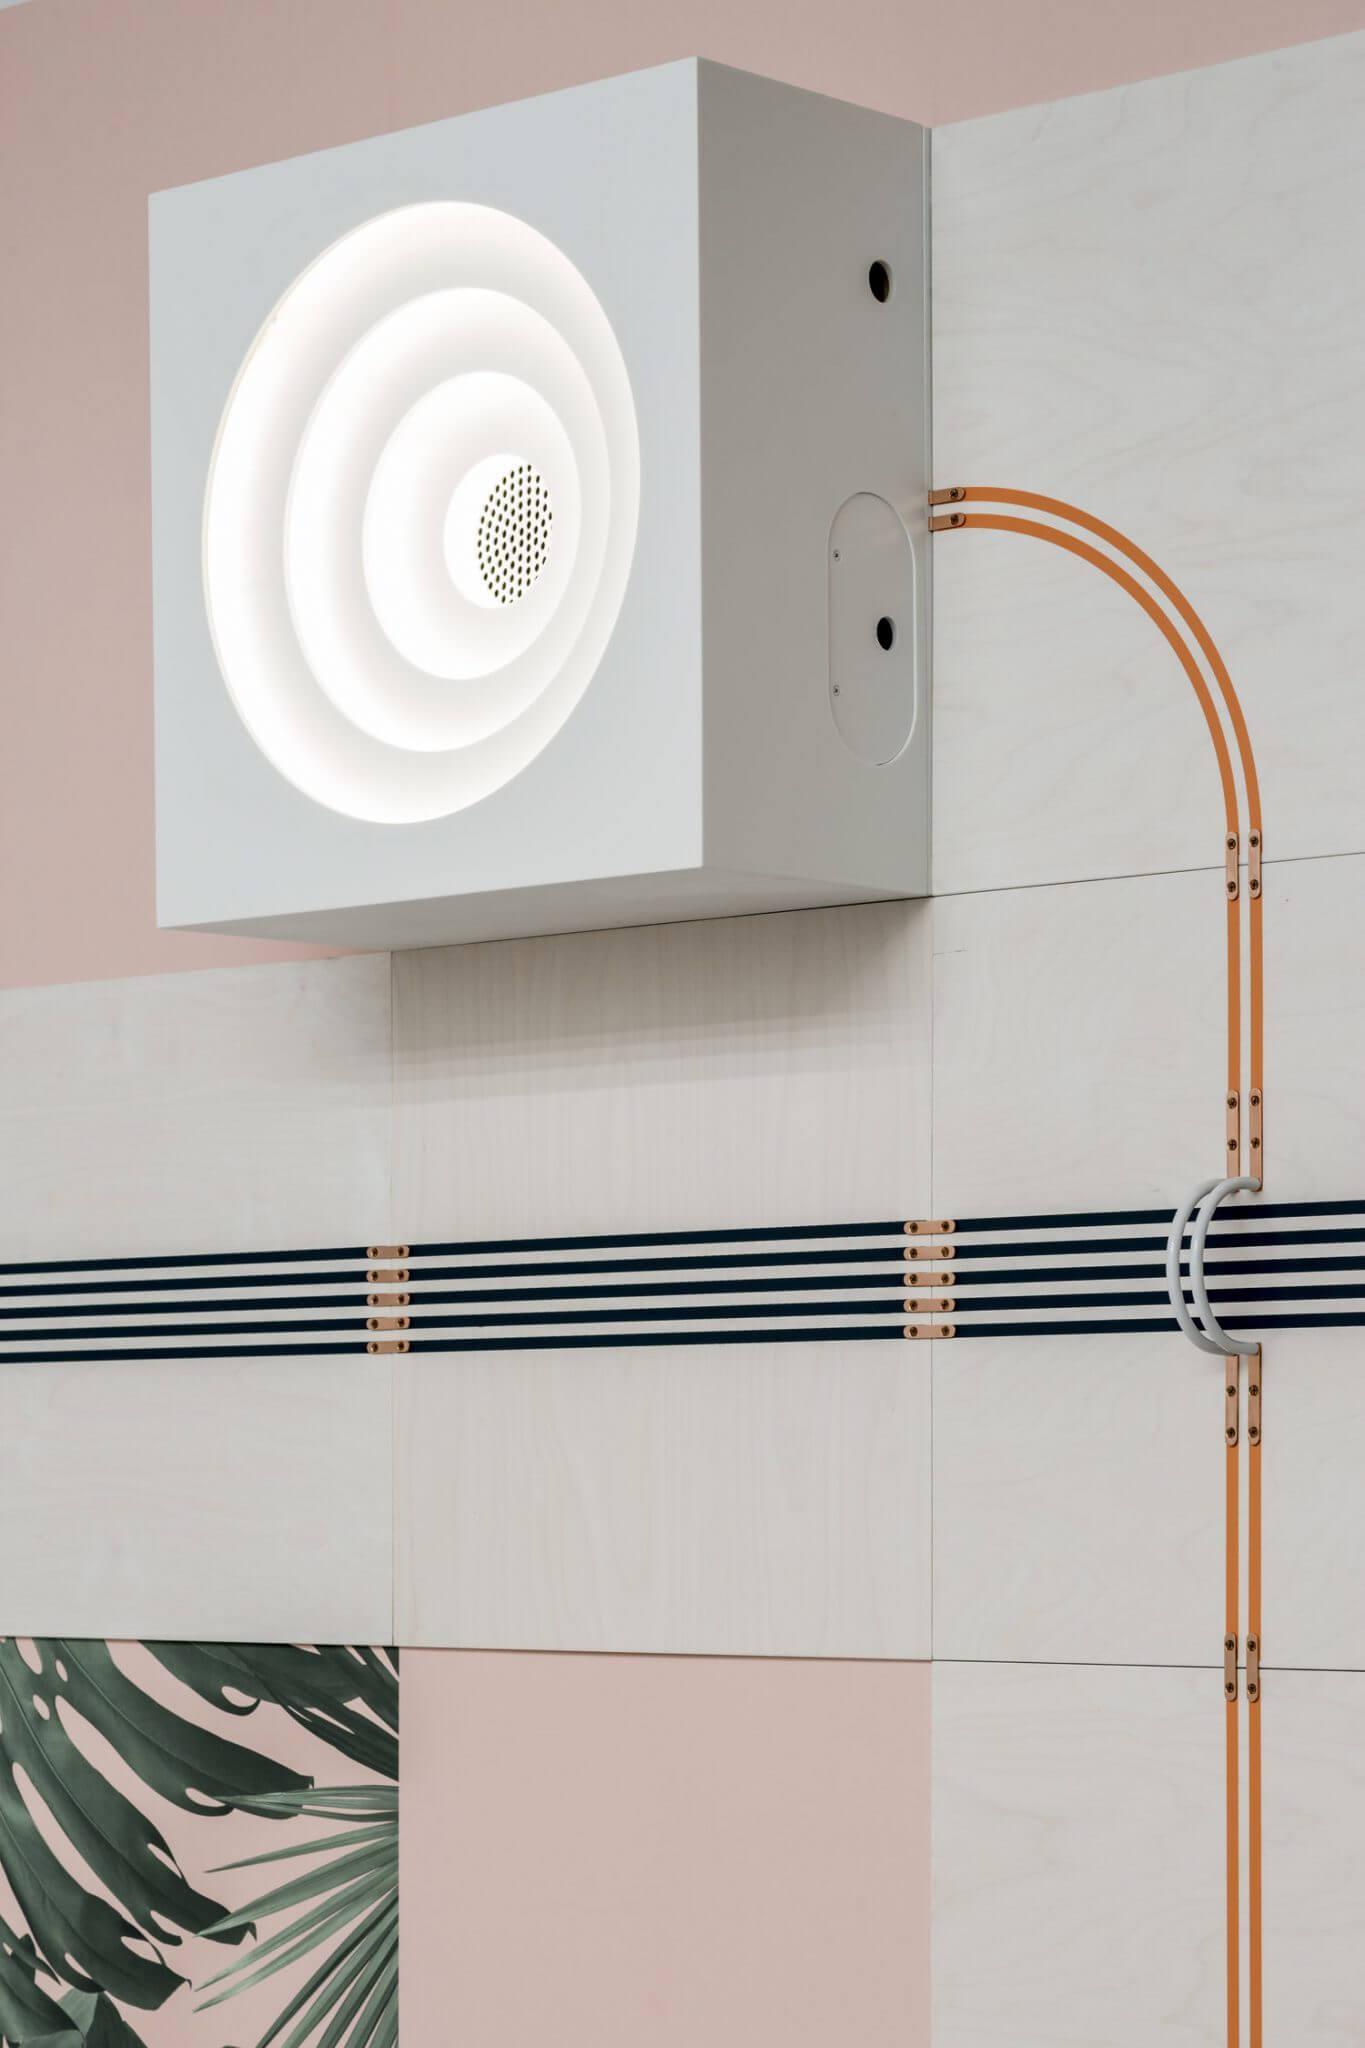 UMxFlavorPaper Conduct04HR - Papel de parede futurista quer ser a instalação elétrica da casa